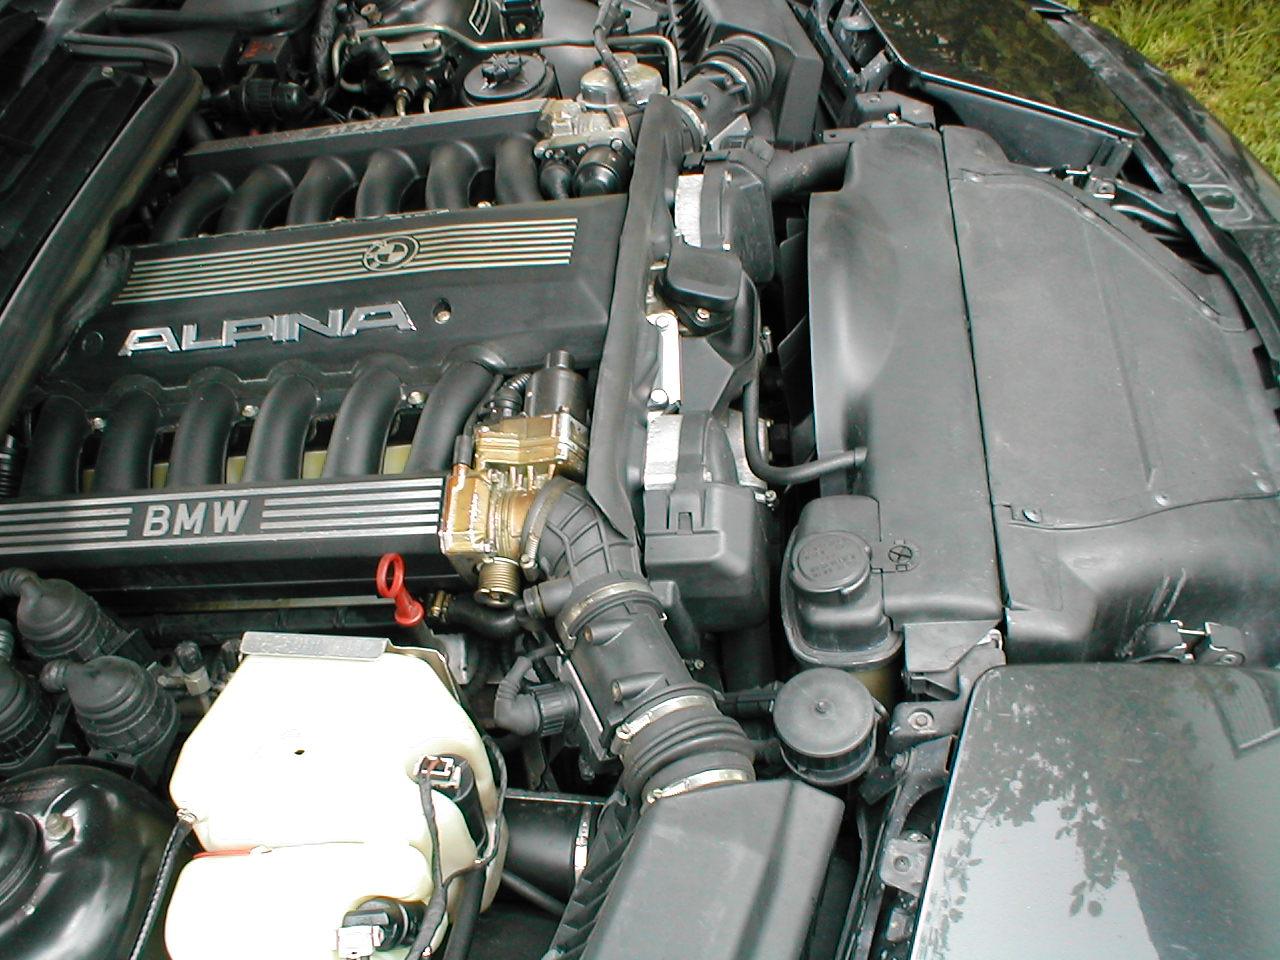 B 12   09/91 for sale  73.900 �-motor-b12-5-0.jpg